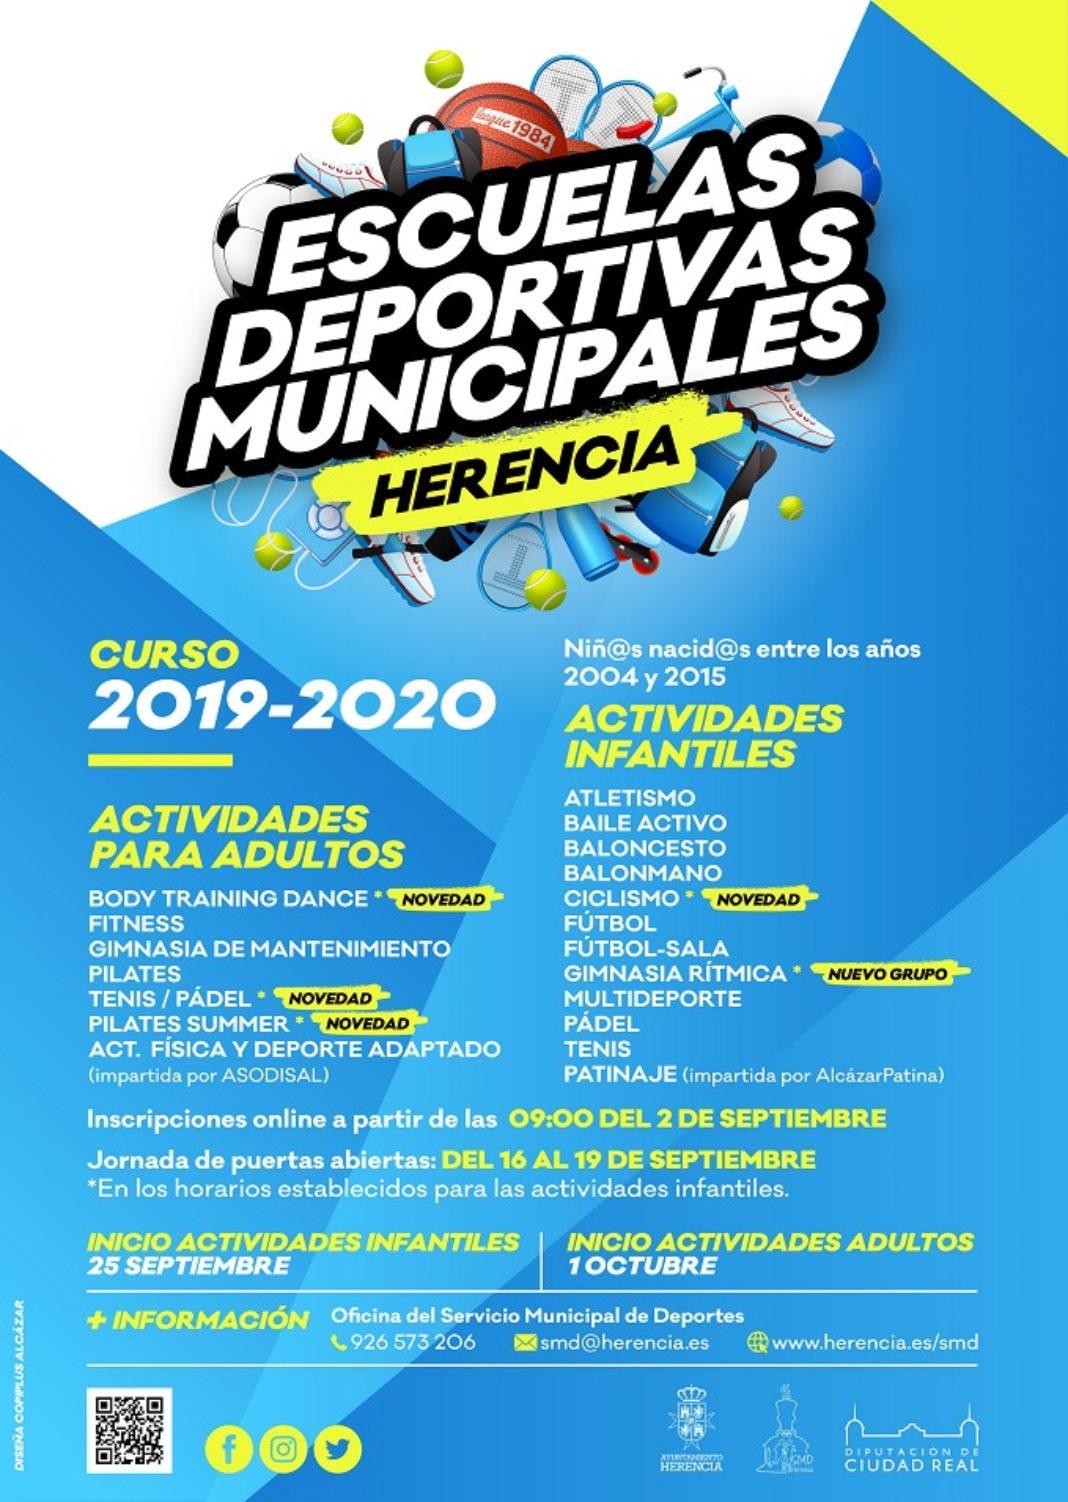 escuelas deportivas herencia 2019 2020 1068x1502 - Novedades en el inicio de las Escuelas Deportivas de Herencia